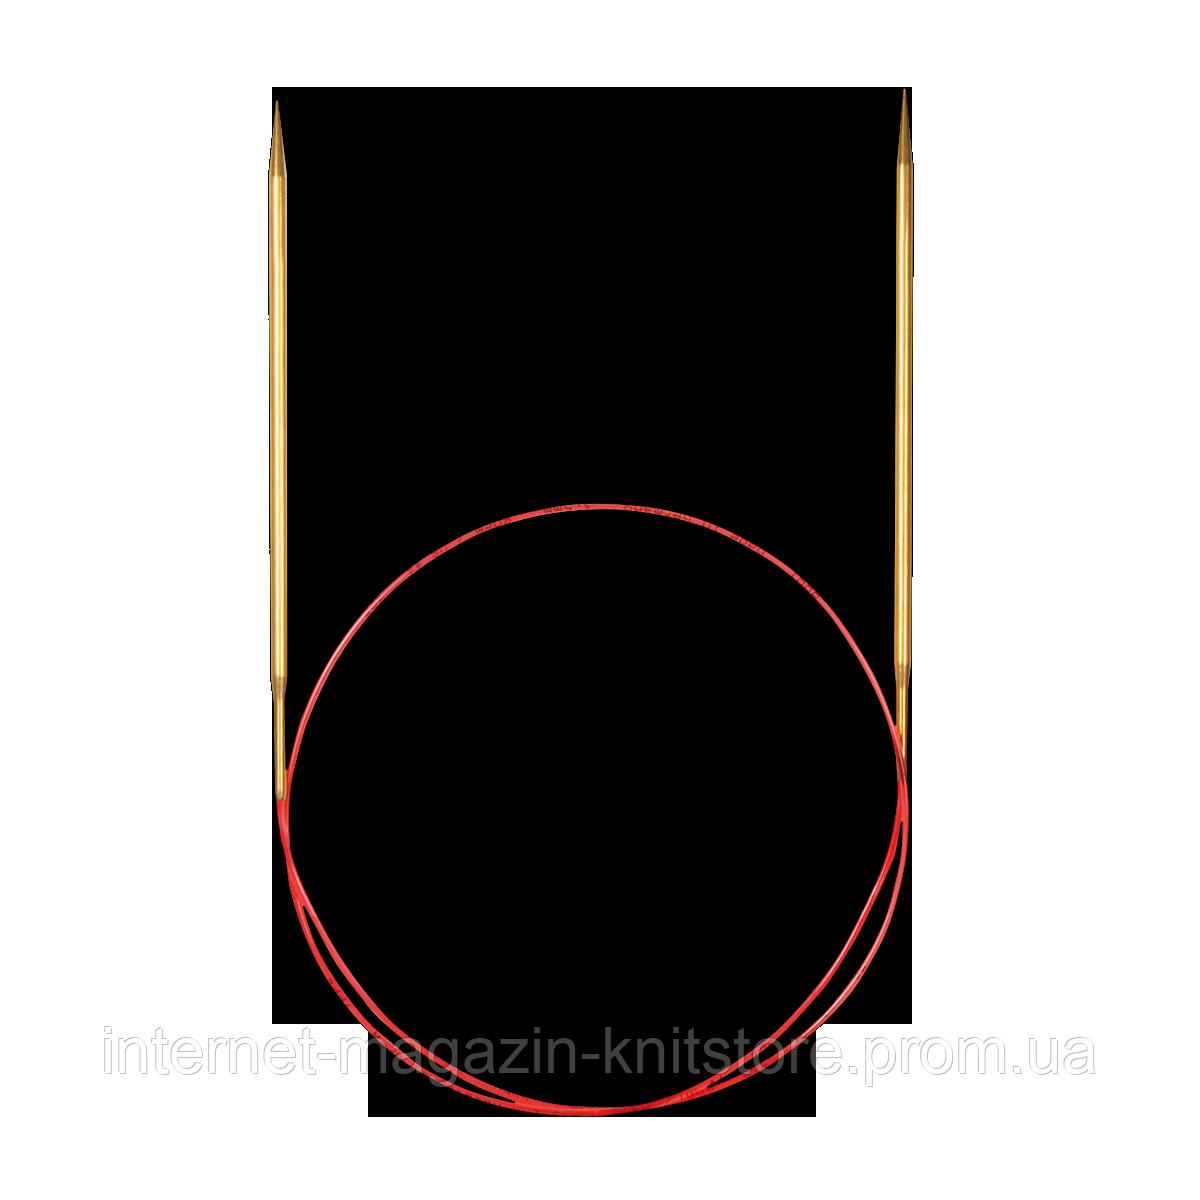 Спицы Addi 80 см/5 мм * круговые * c удлиненным кончиком